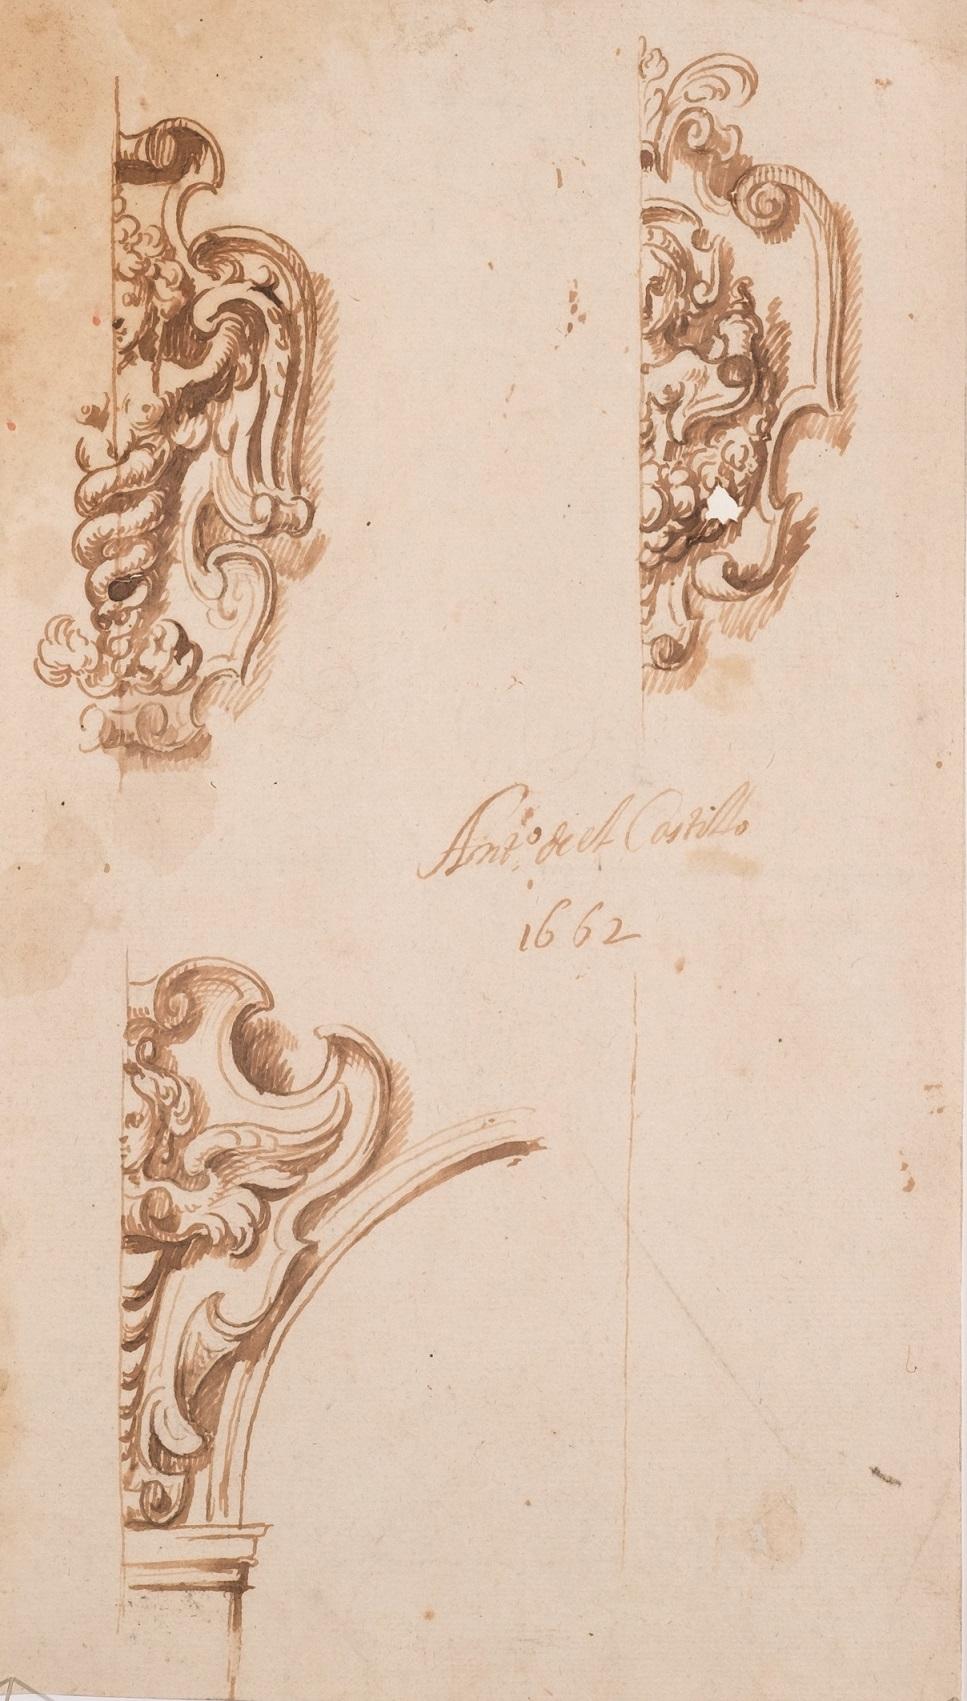 Antonio del Castillo. Estudio de arquitectura, 1662. Salida: 650 euros. Remate: 3.250 euros